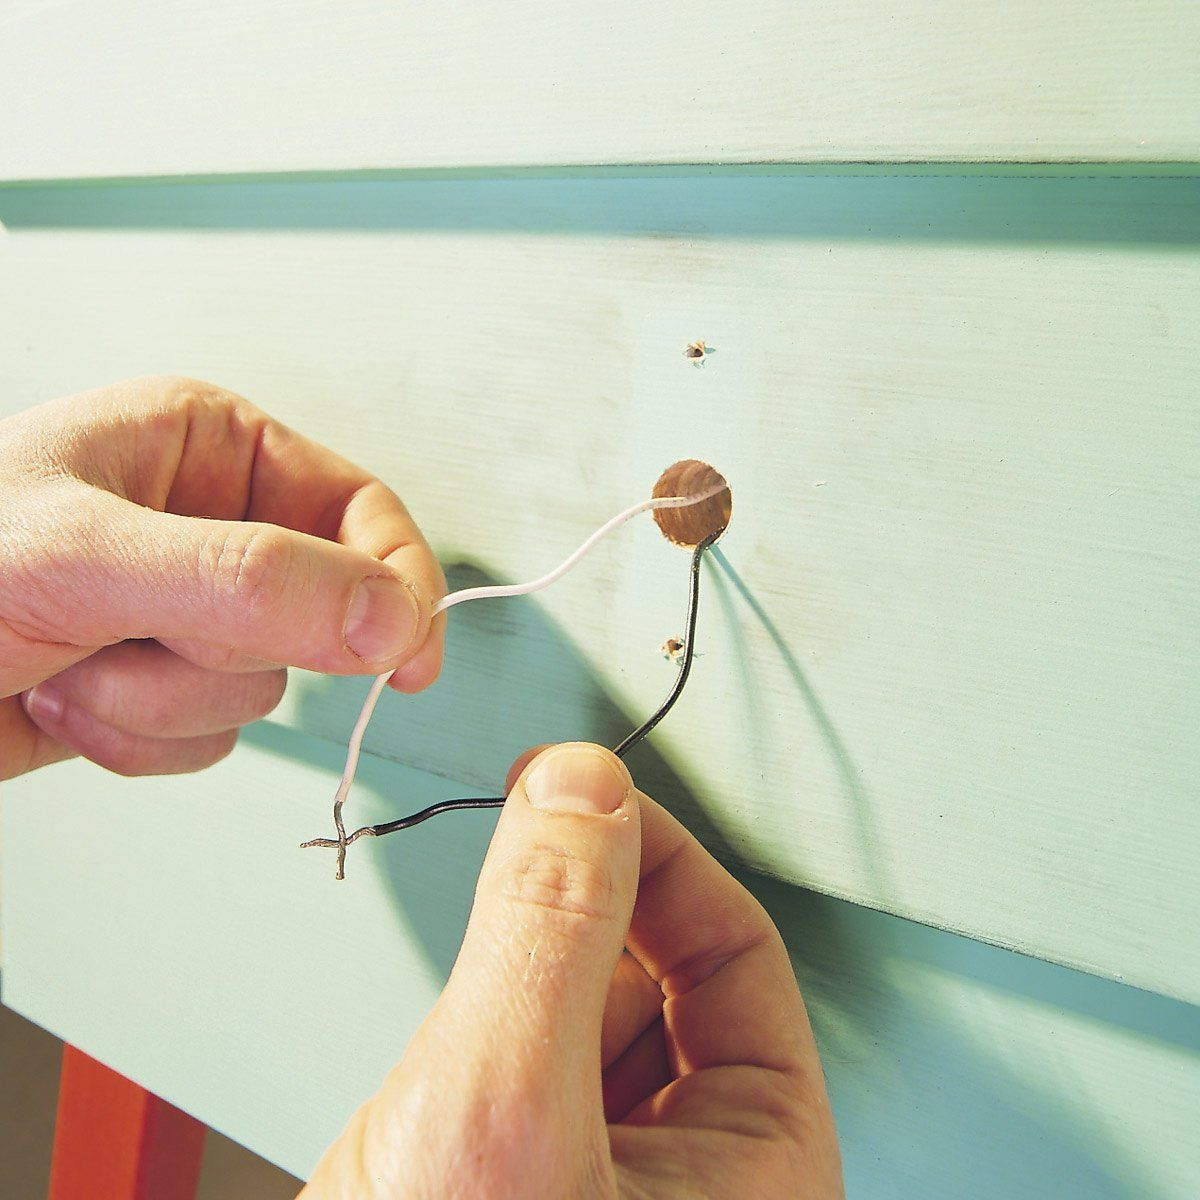 Repair a Doorbell Fix a Dead or Broken Doorbell Diy